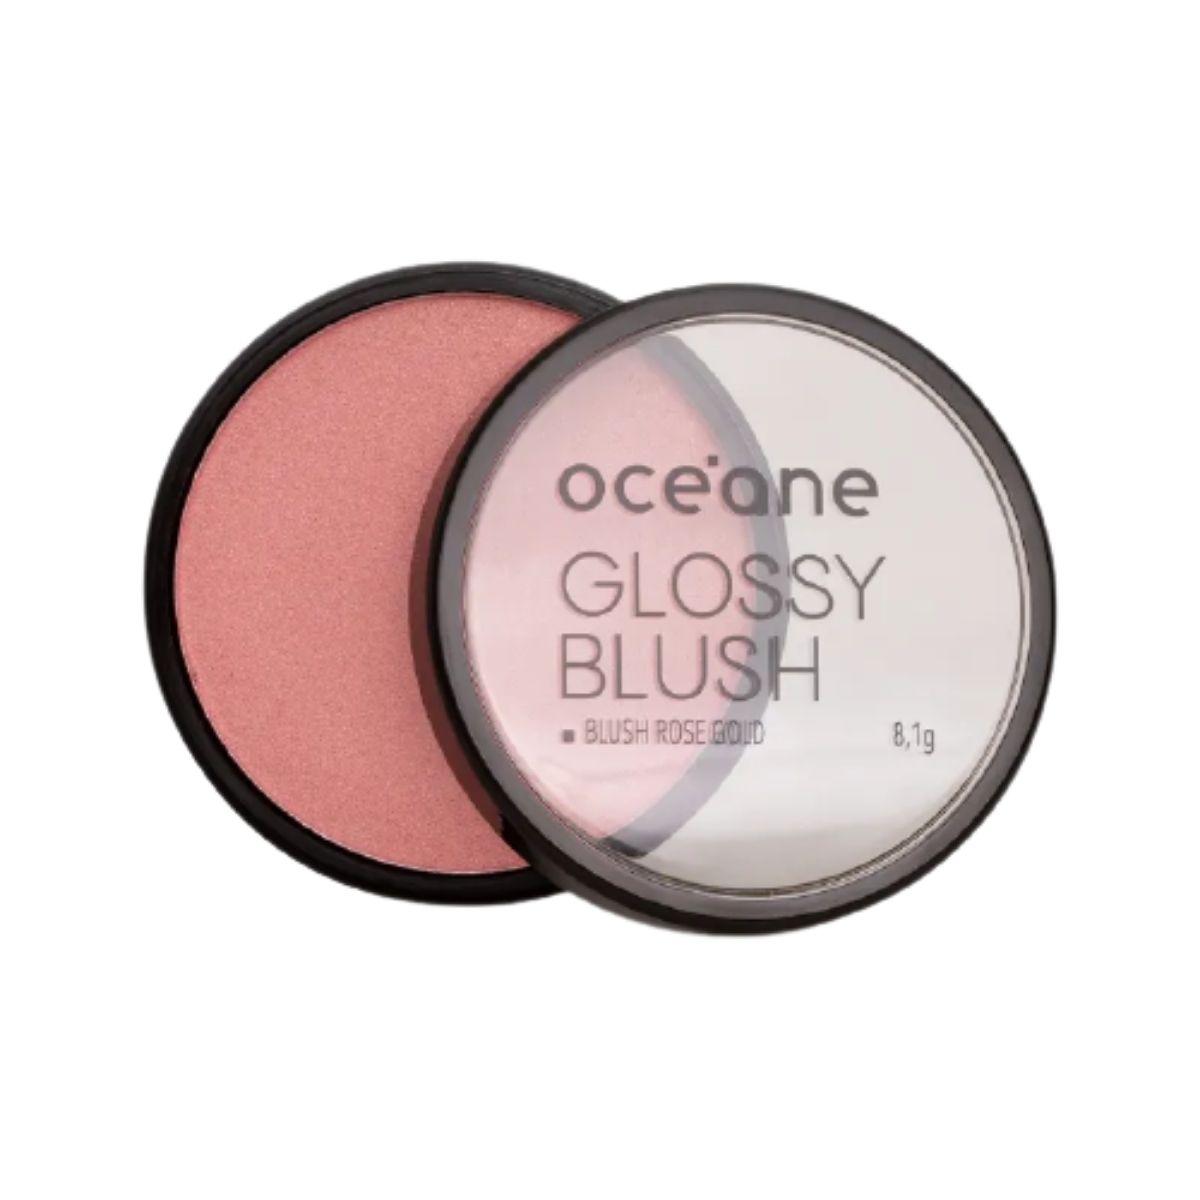 Glossy Blush - Blush Cintilante 8,1g - Océane